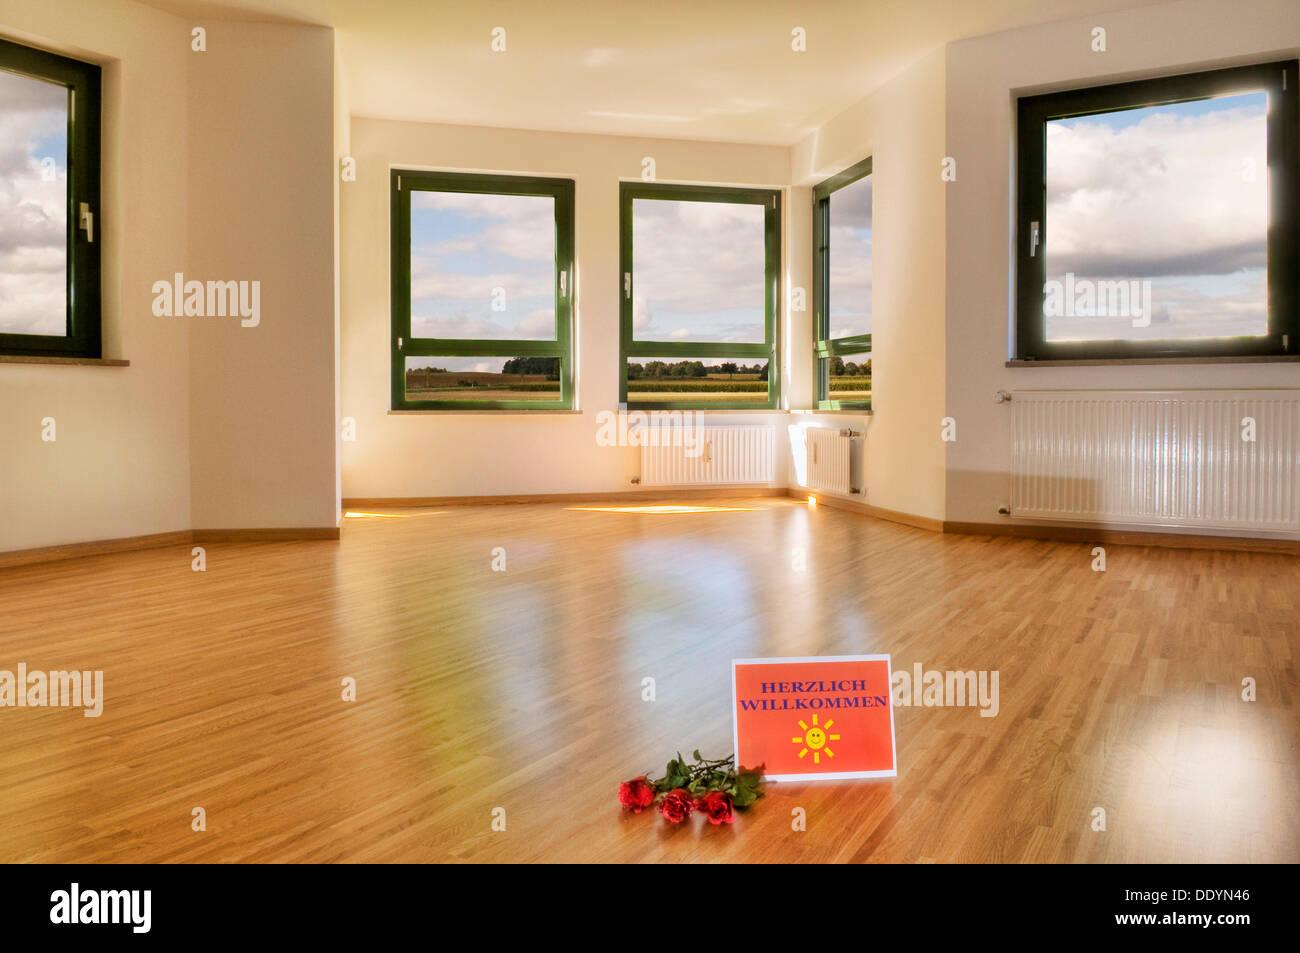 Willkommens Schild Und Rosen Auf Dem Boden Grosses Wohnzimmer Mit